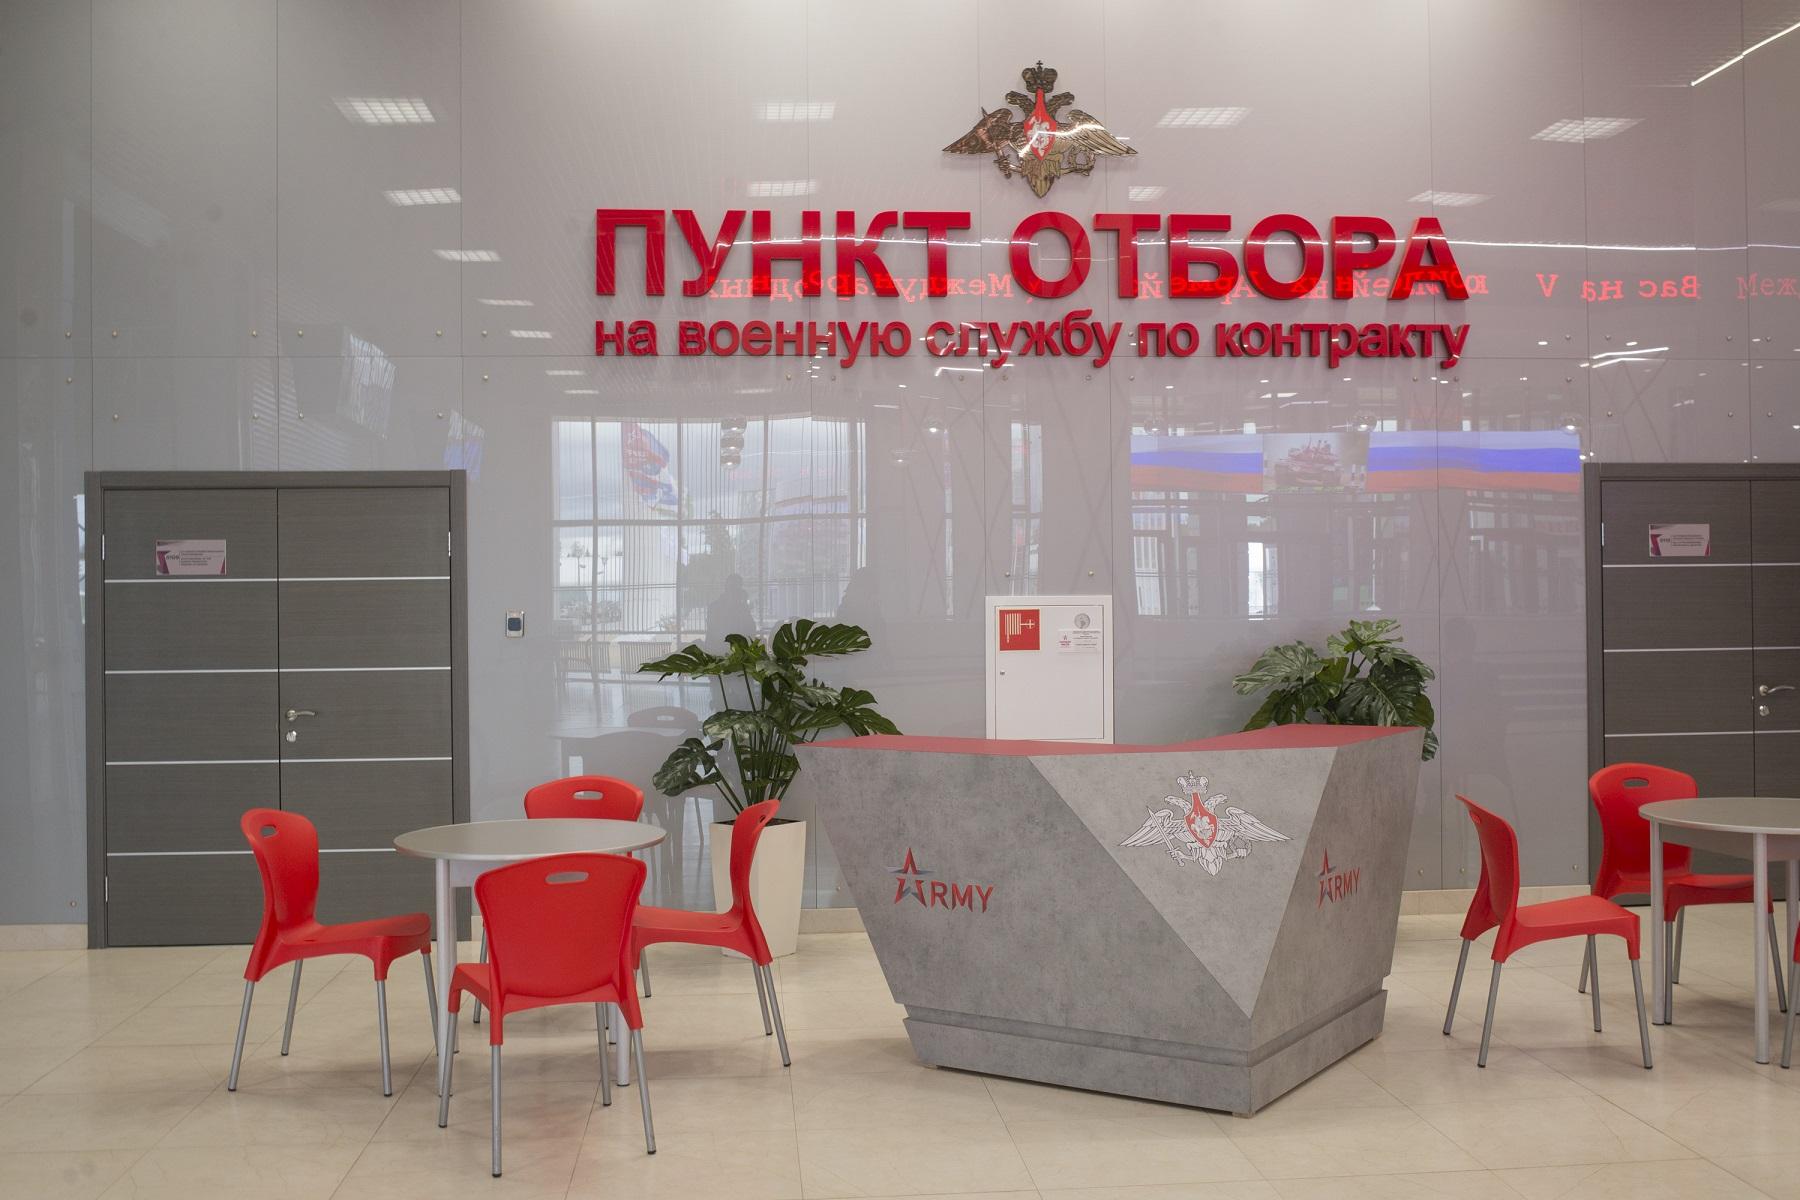 Musterungszentrum für Soldaten auf Zeit / Foto © Katya Deriglazova